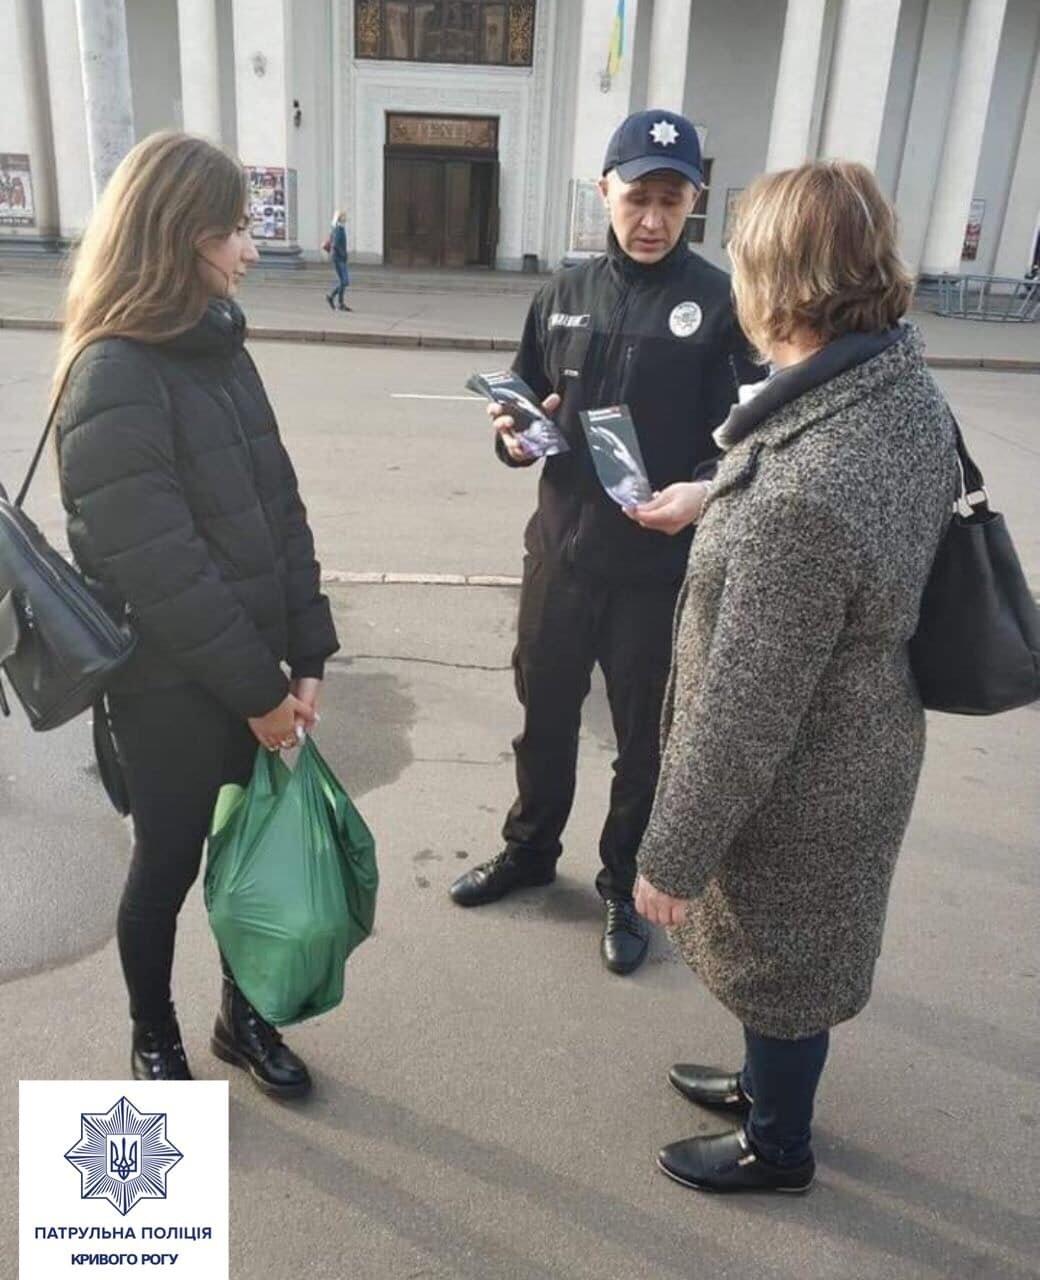 Патрульная полиция Кривого Рога помогает горожанам защититься от домашнего насилия, - ФОТО, фото-1